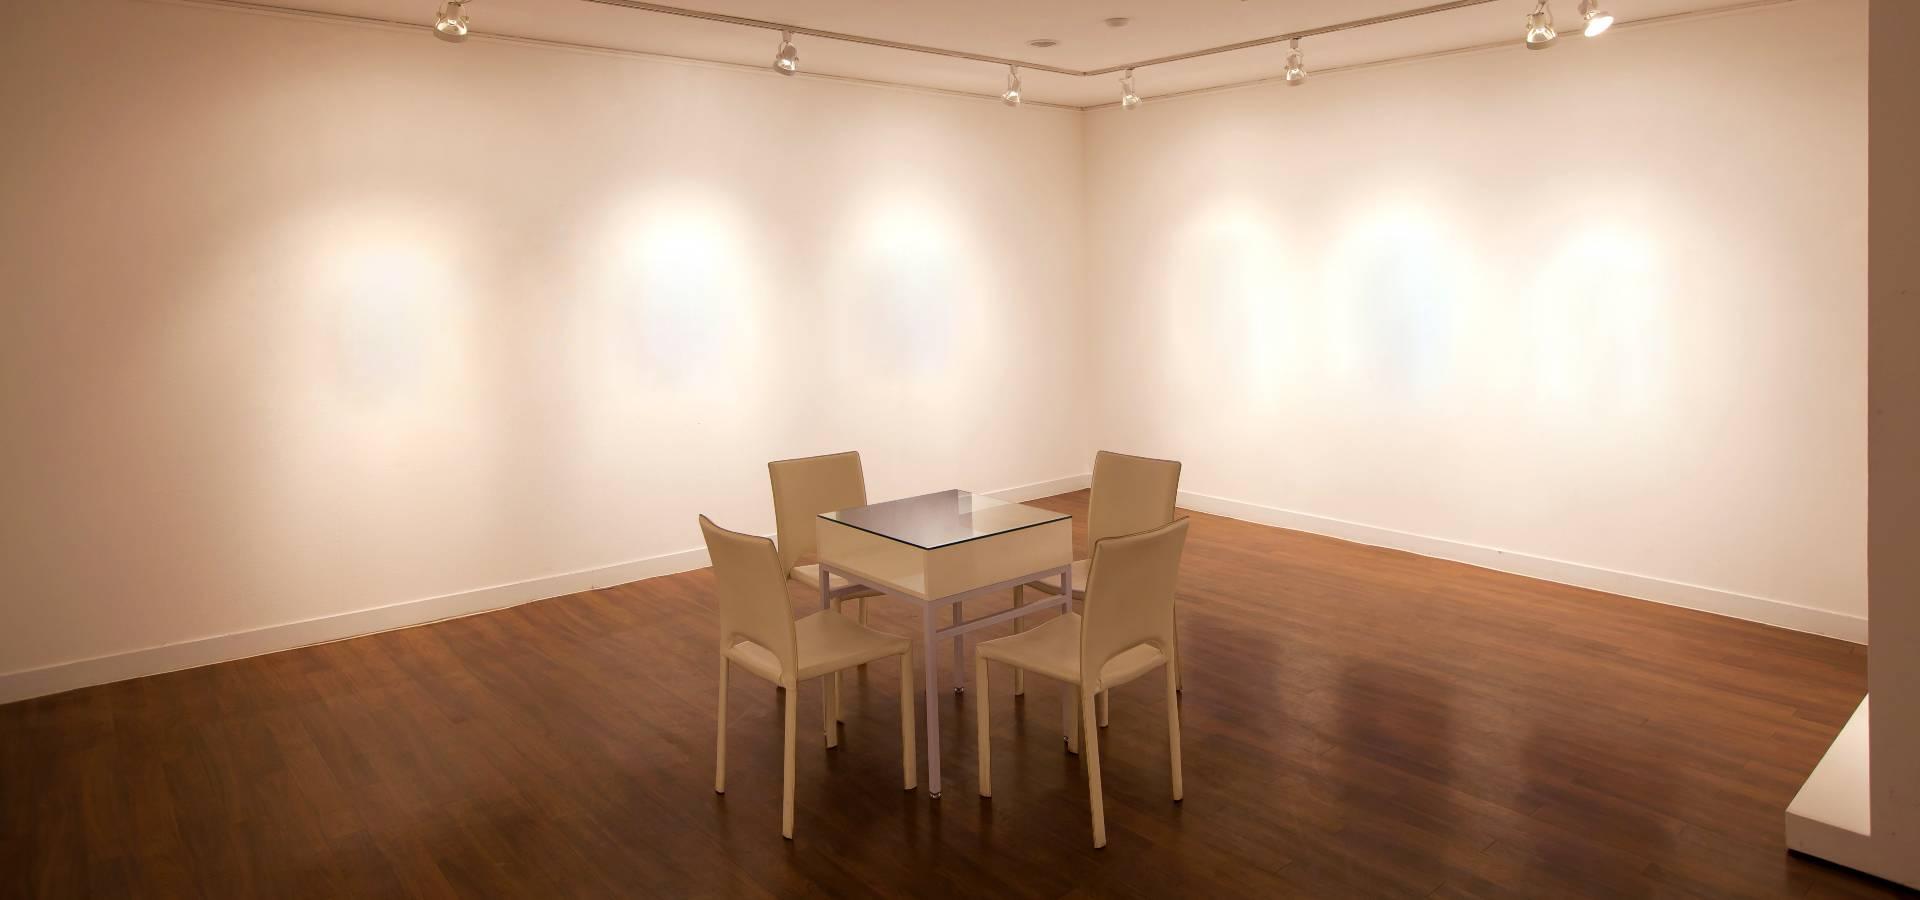 Art Heaven: Seoul Best Contemporary Art galleries